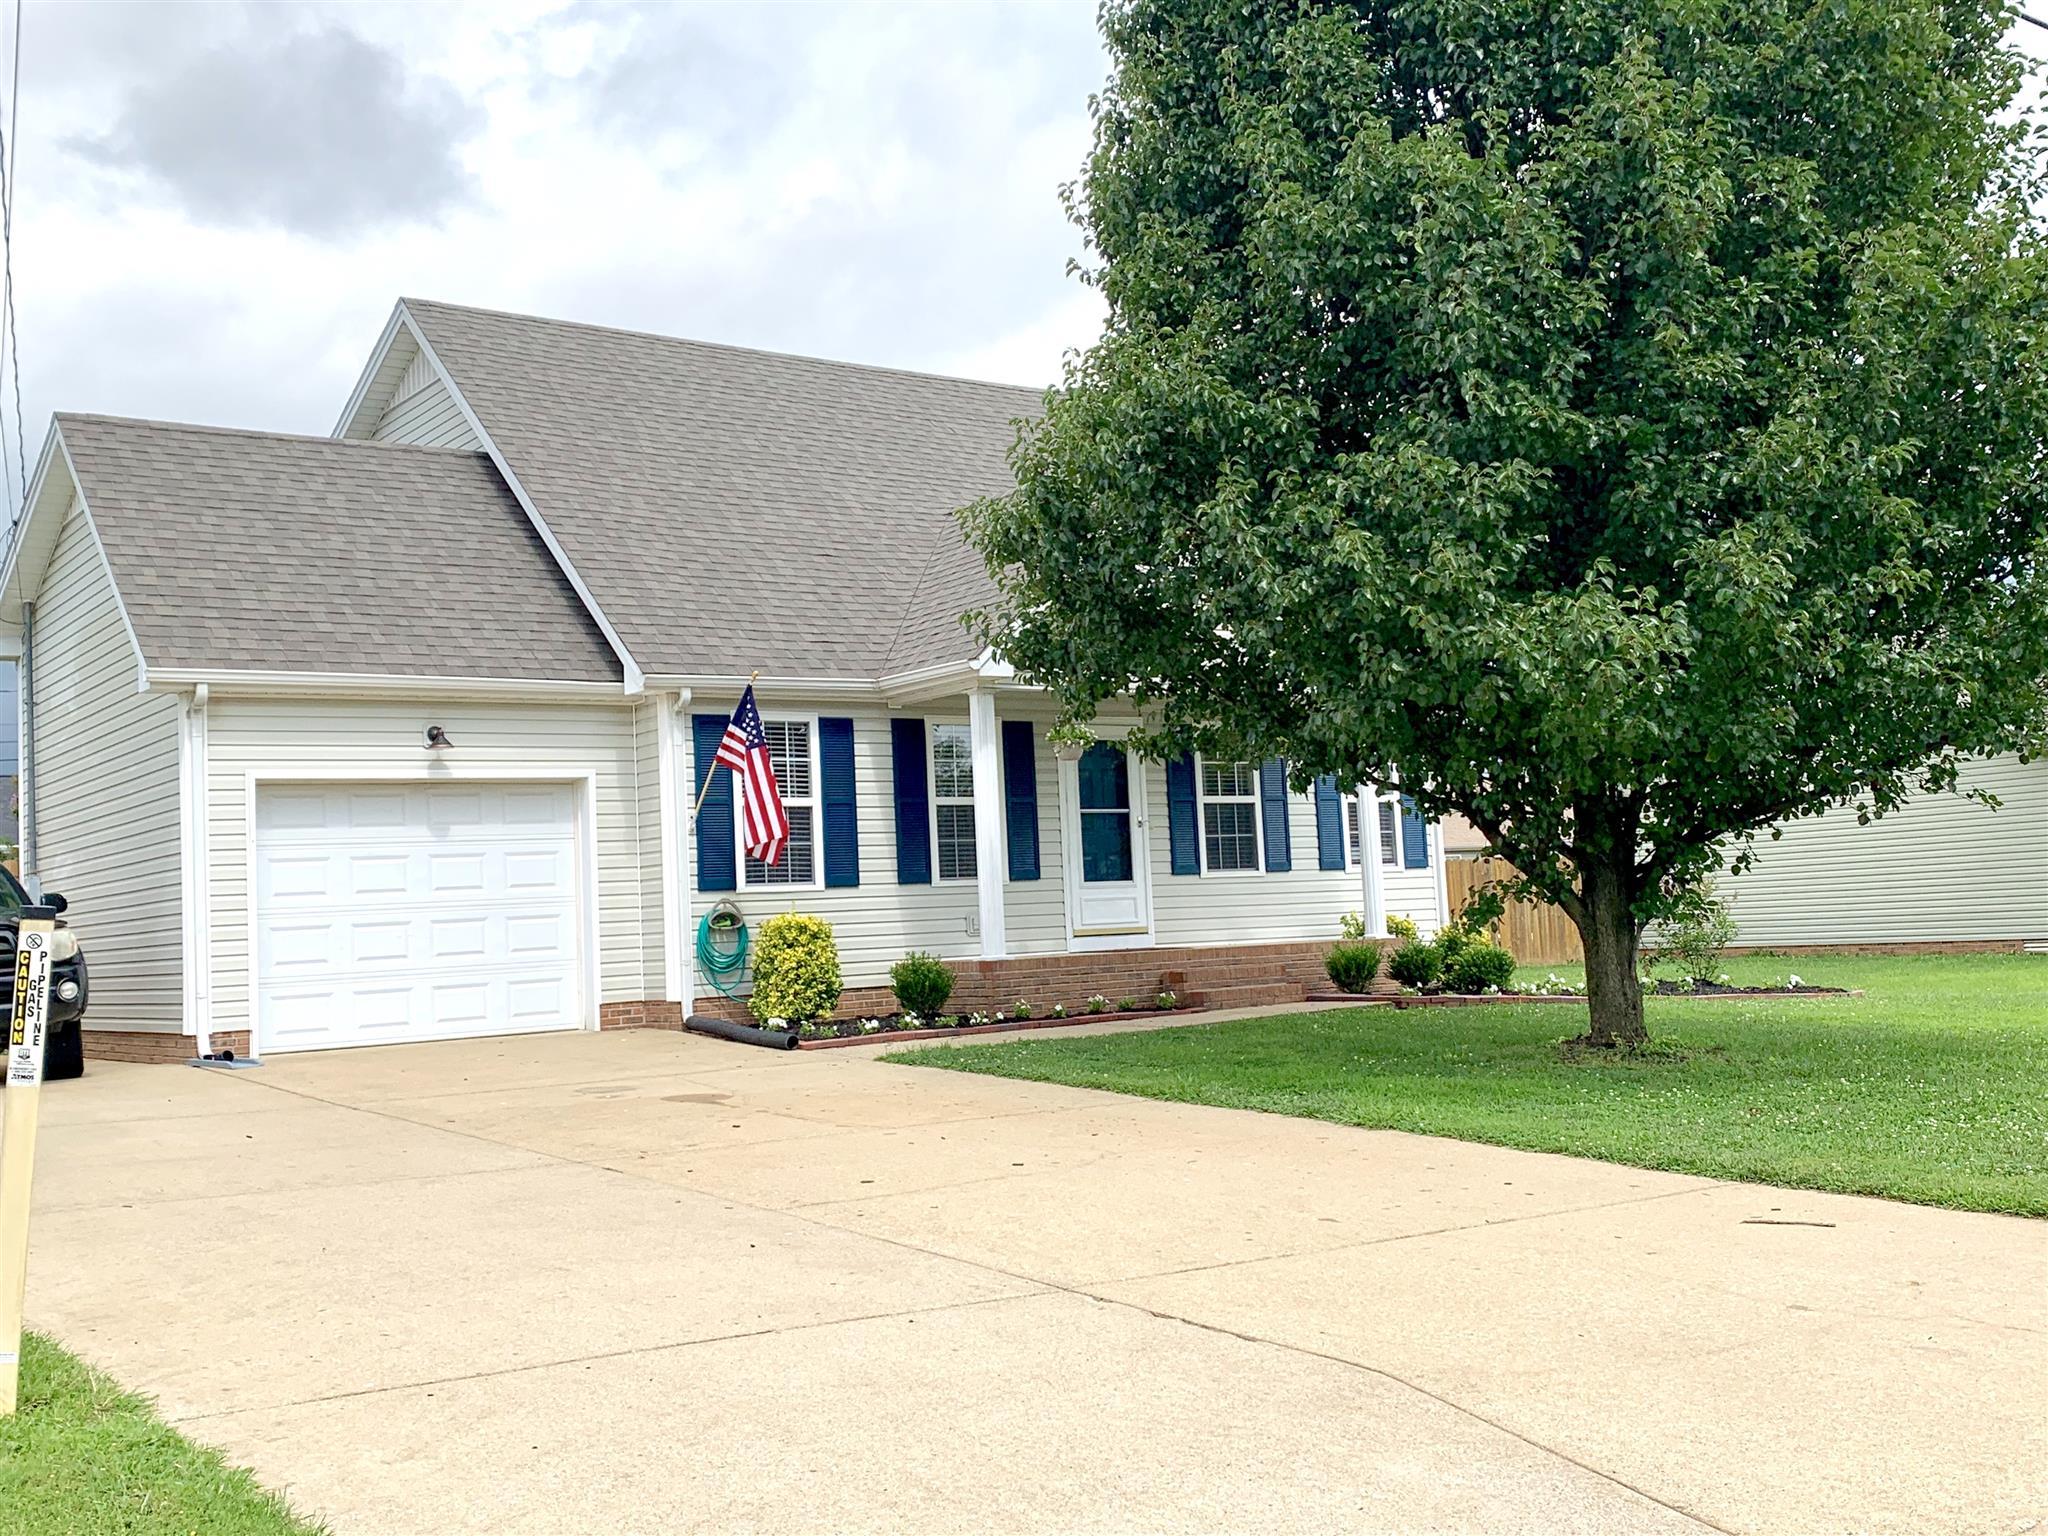 806 Brock Ave, Hopkinsville, KY 42240 - Hopkinsville, KY real estate listing